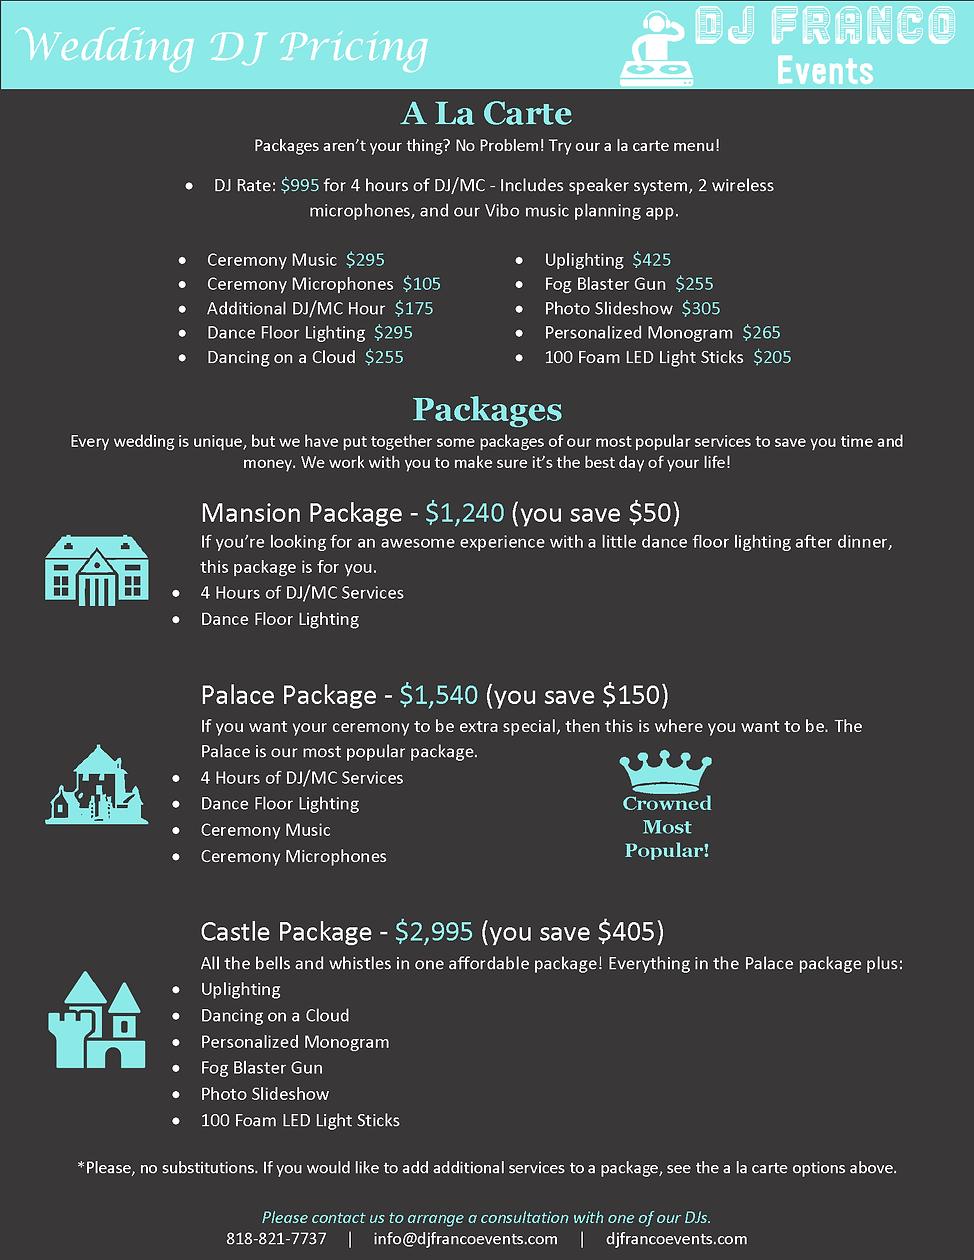 Wedding DJ Pricing 1.15.21.png